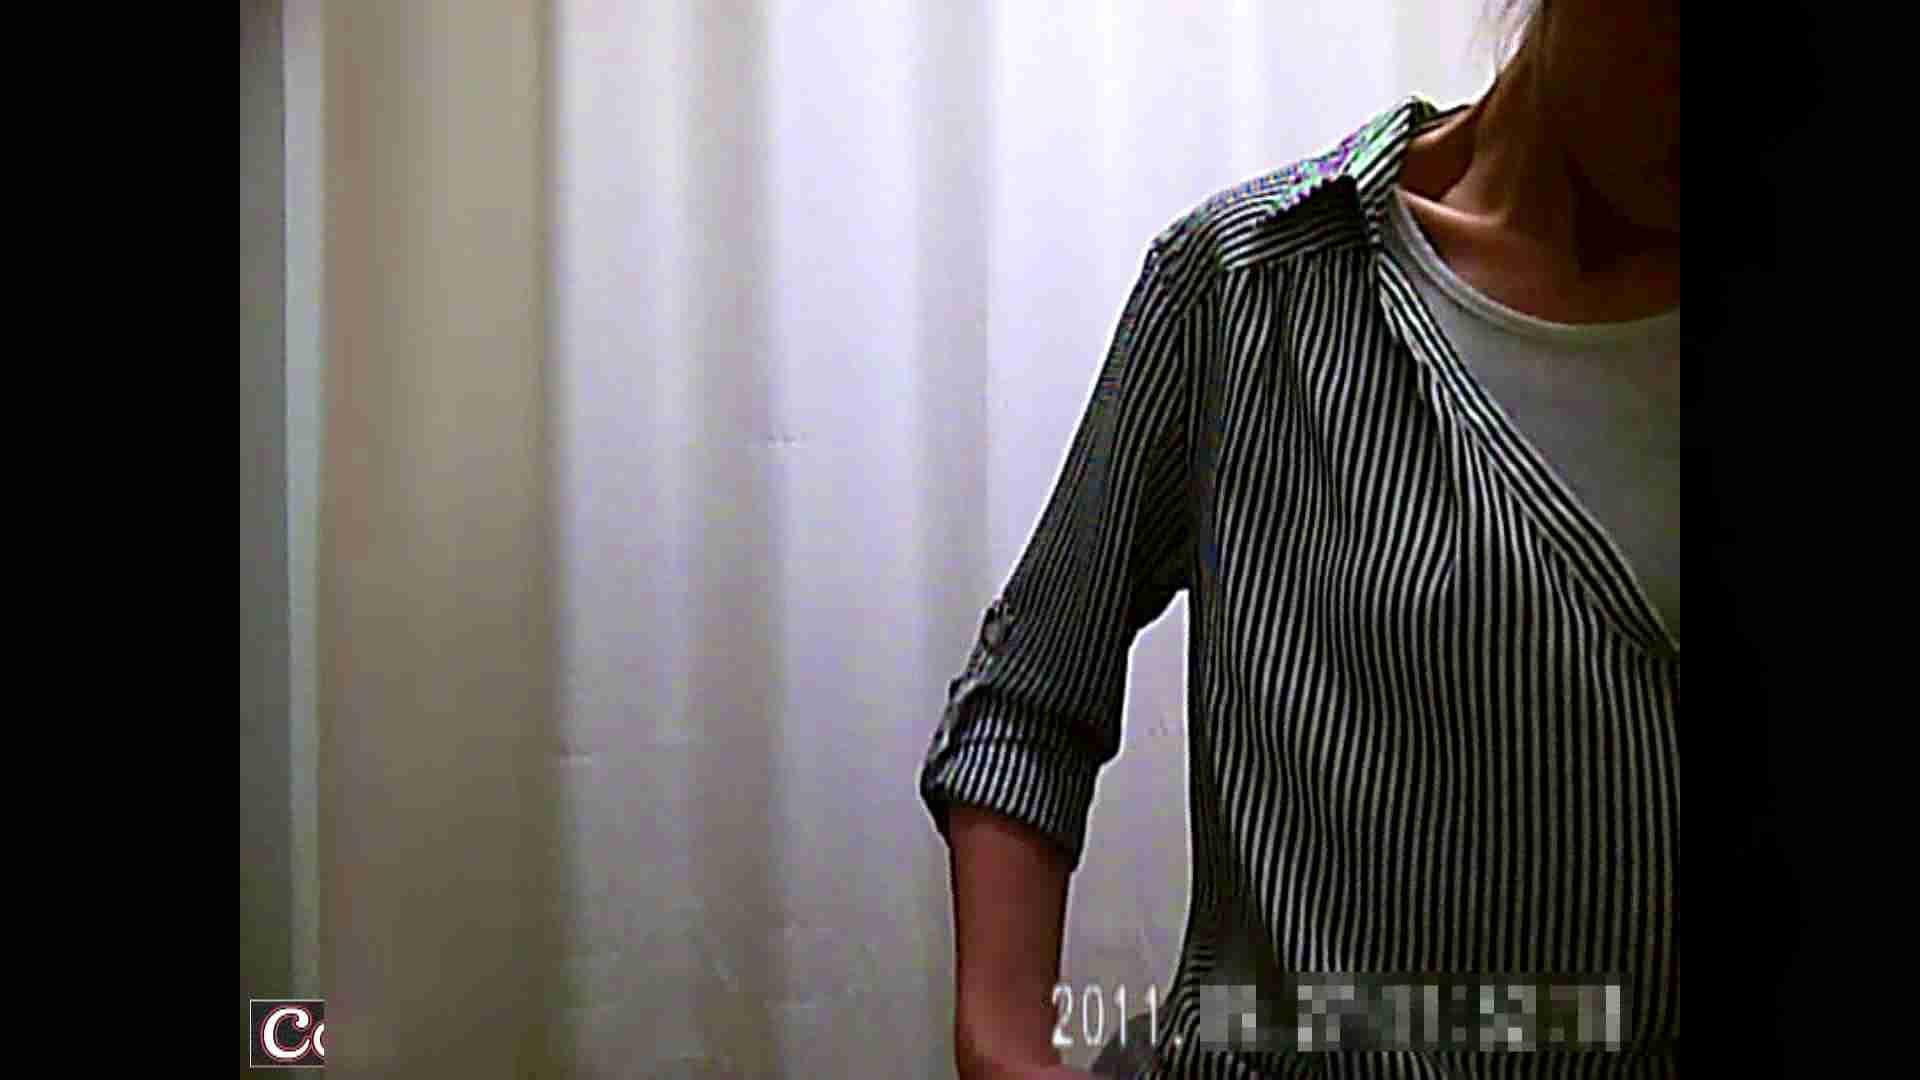 元医者による反抗 更衣室地獄絵巻 vol.177 OLハメ撮り  72Pix 45